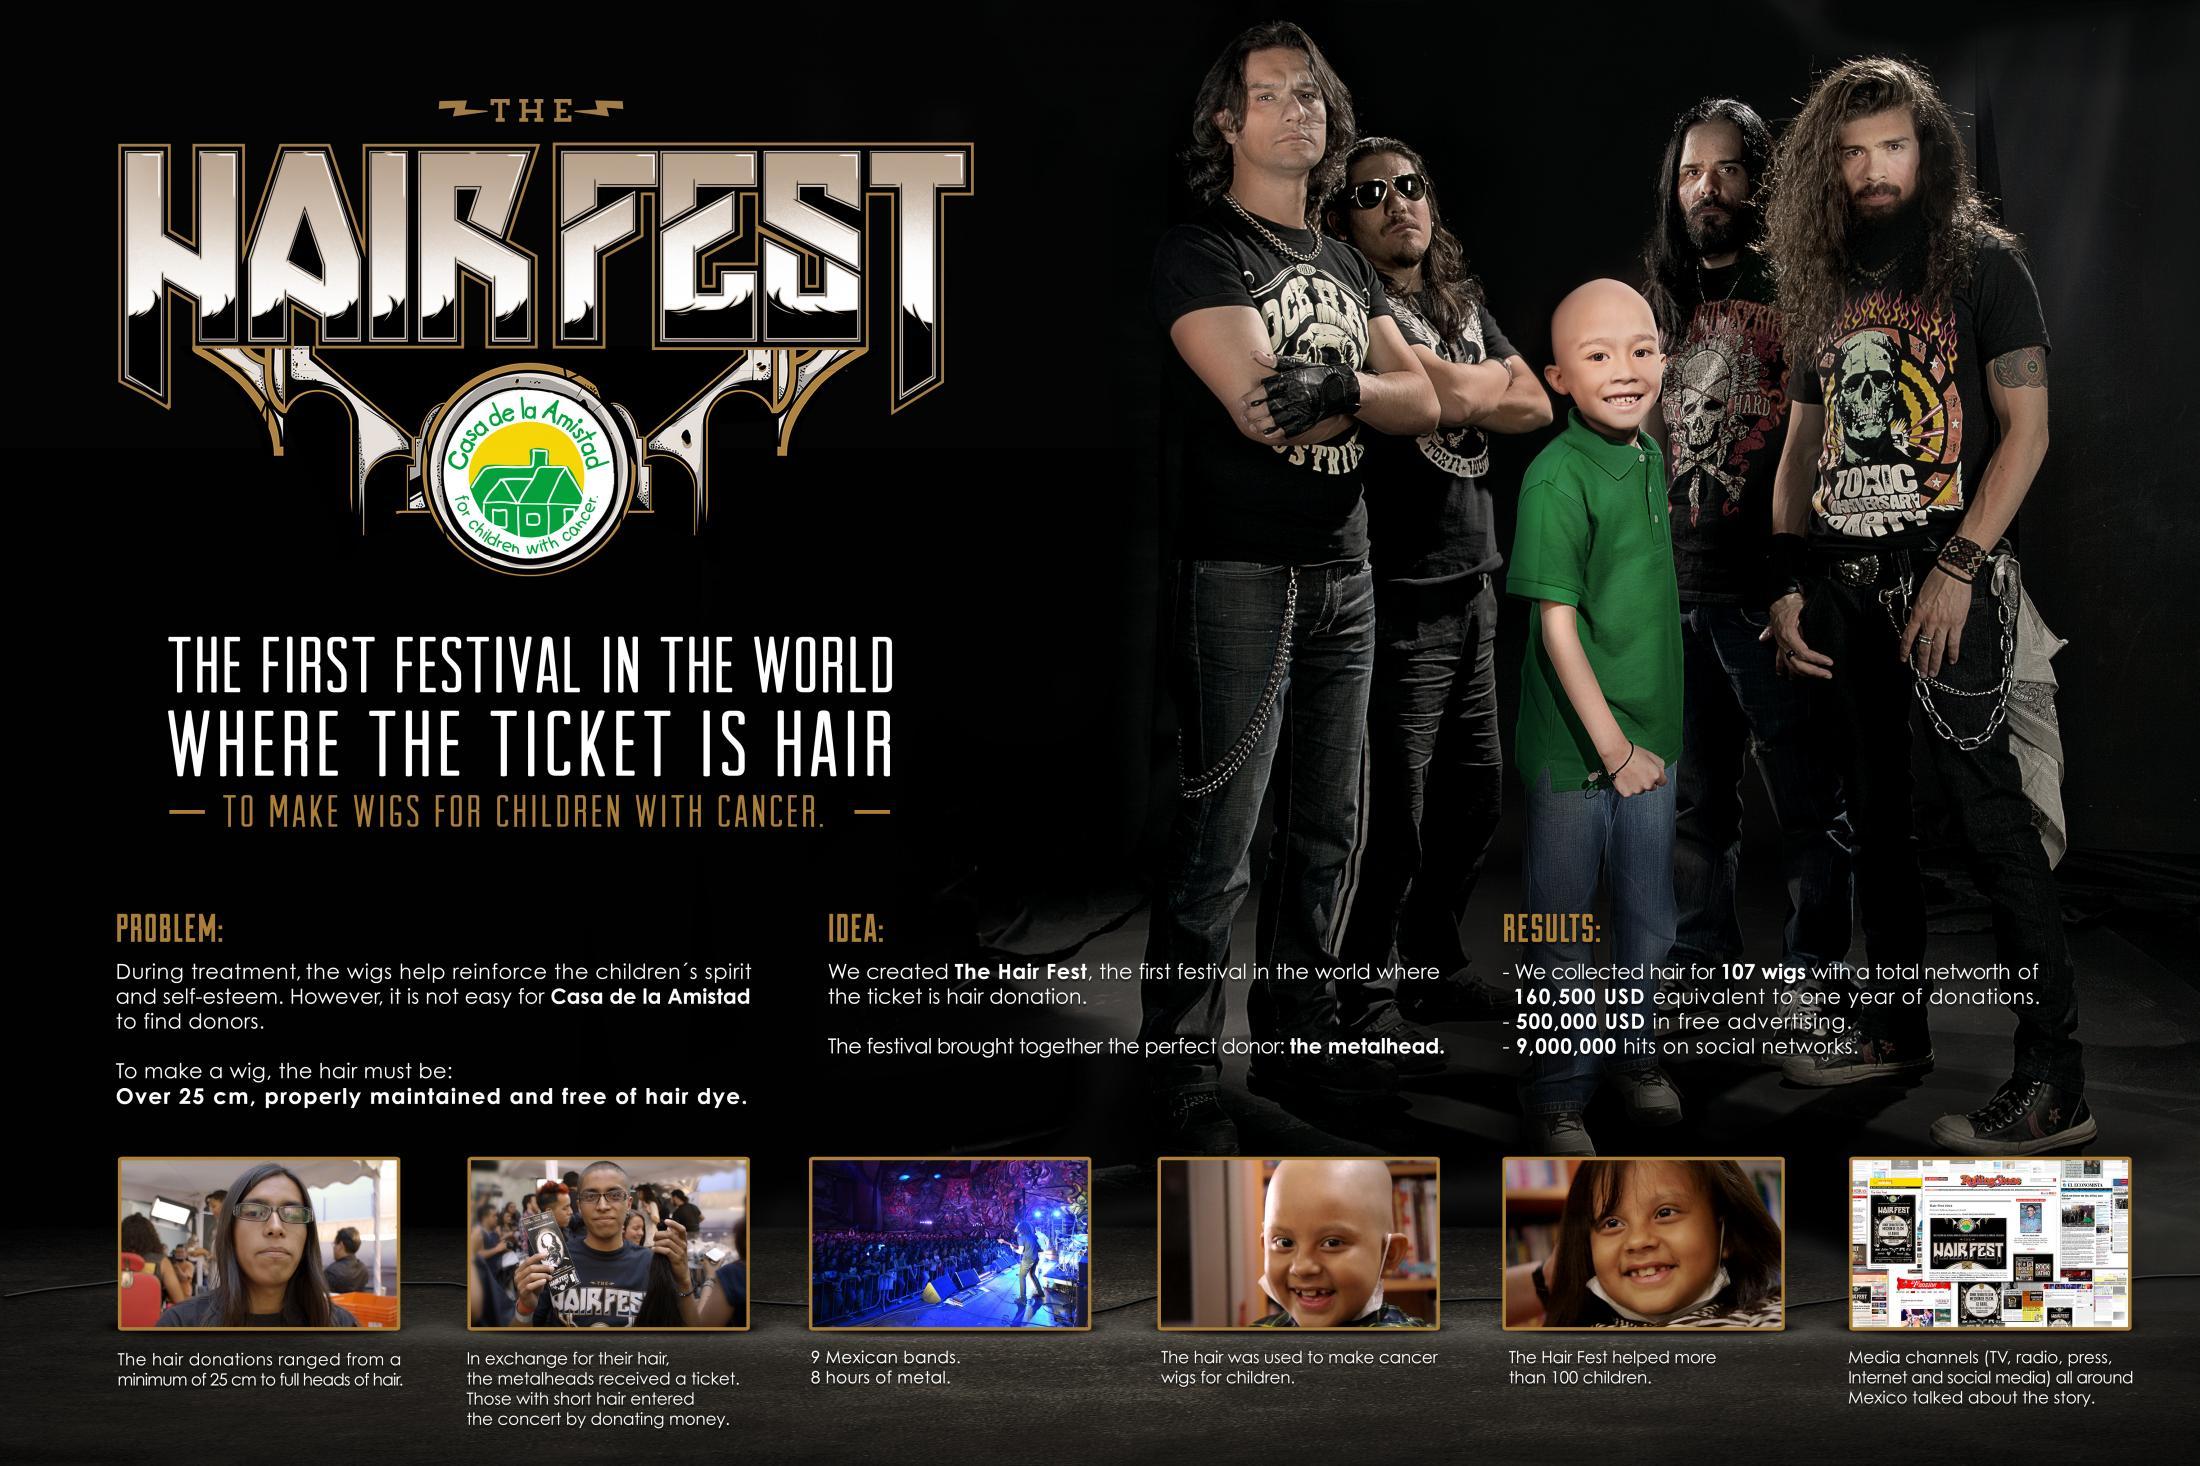 Thumbnail for The Hair Fest